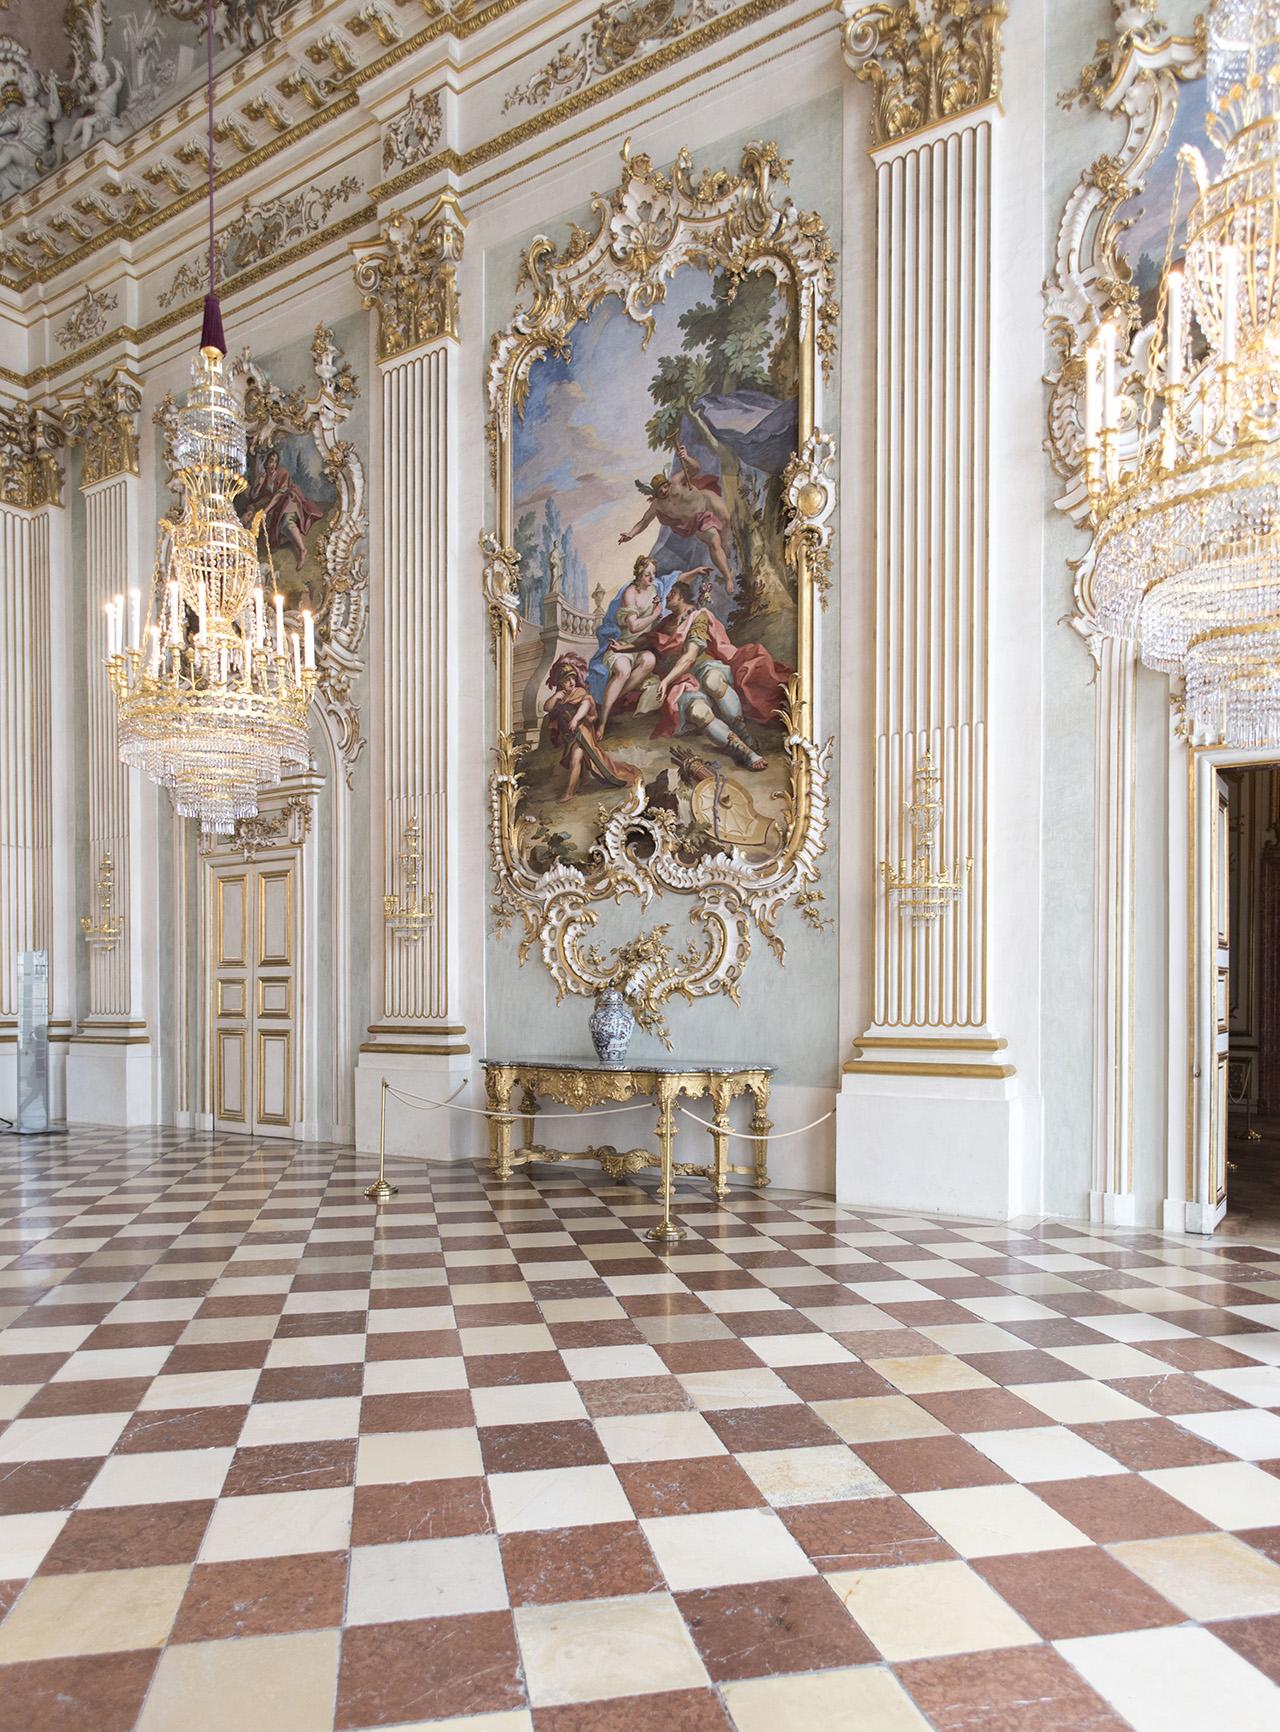 Pendulum Magazine A Day in Munich - Nymphenburg Palace